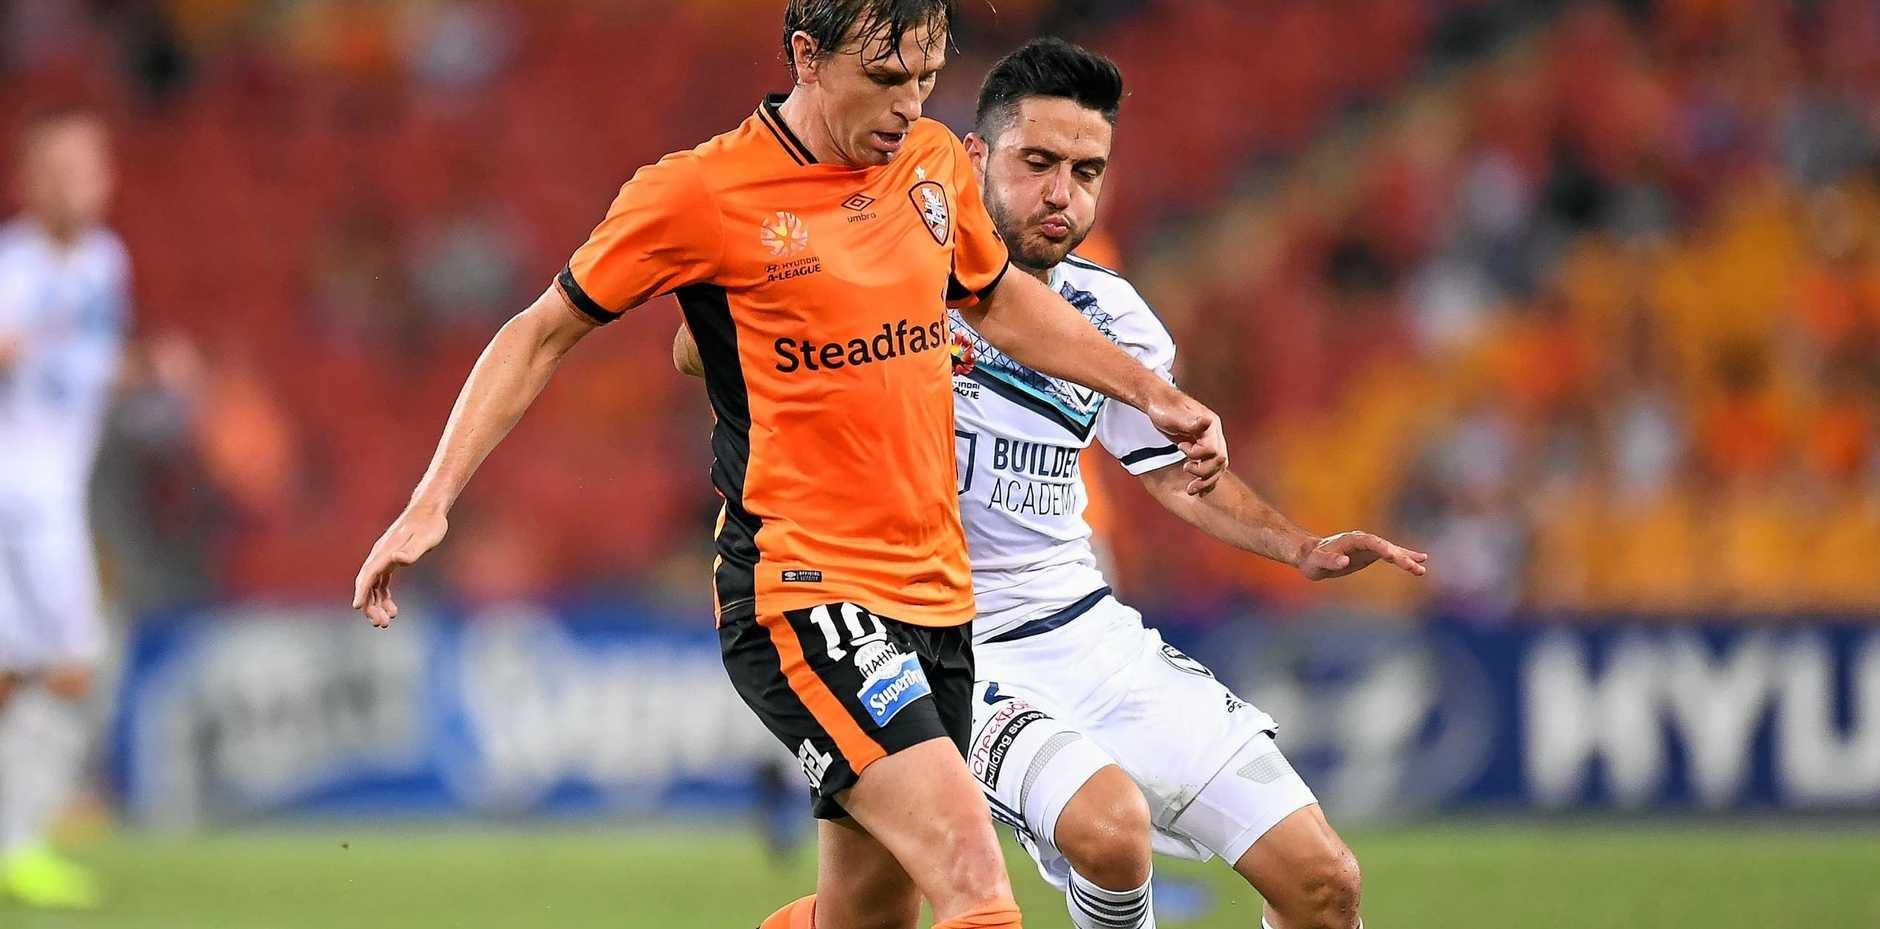 SADLY MISSED: The Brisbane Roar needs Brett Holman back after a lacklustre loss to Melbourne City.